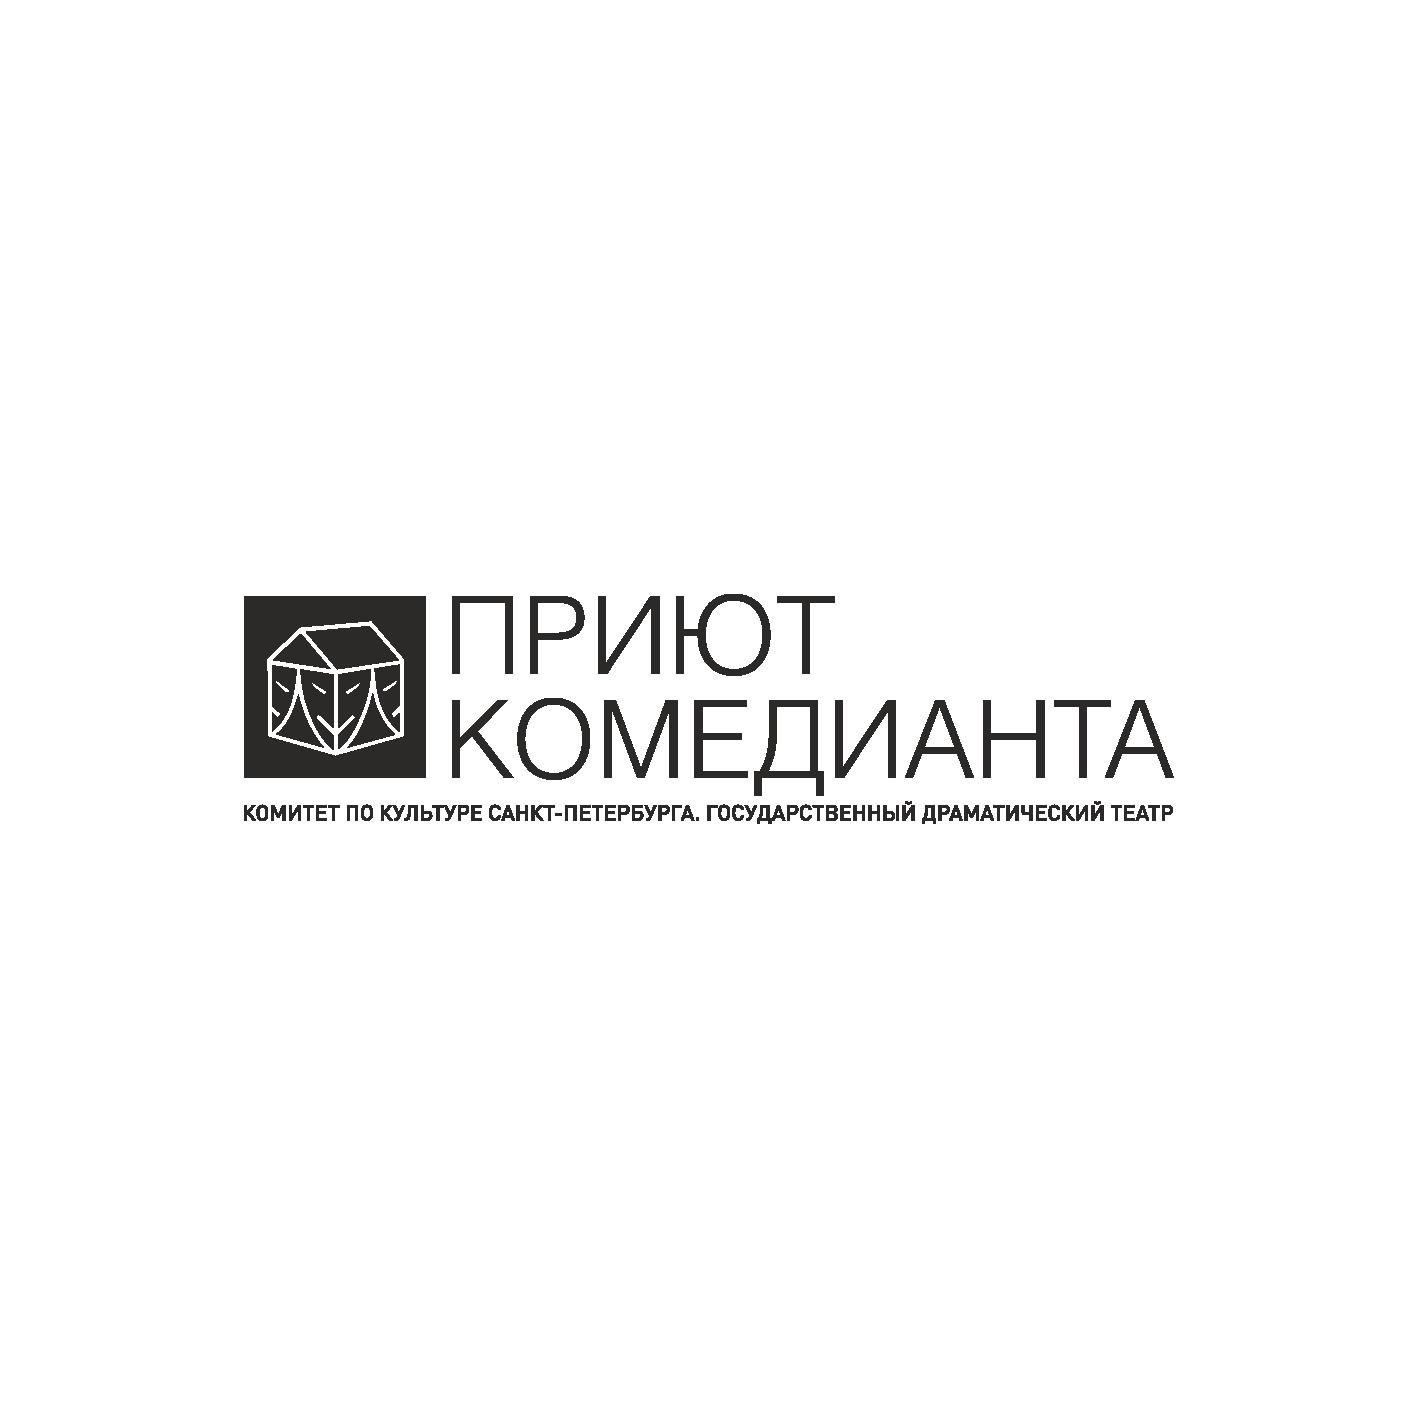 Афиша театра приют комедианта на сентябрь афиши джазовых концертов